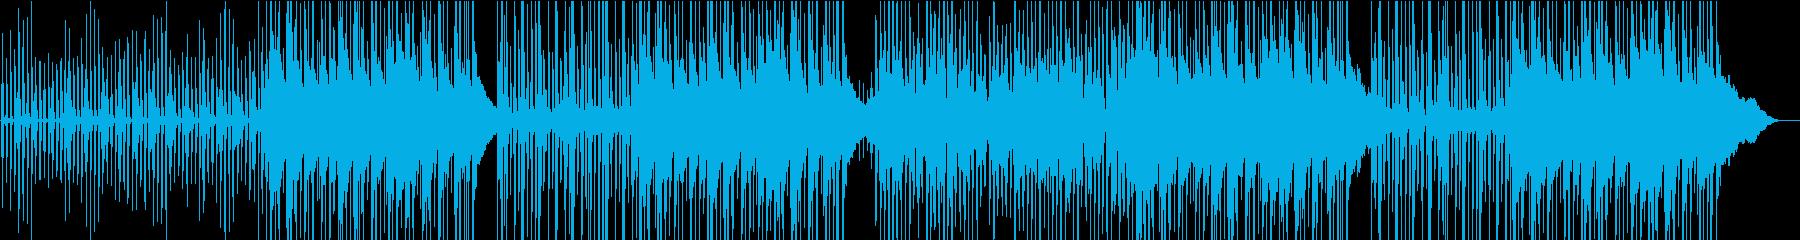 カッティングが気持ちいいカントリーの再生済みの波形